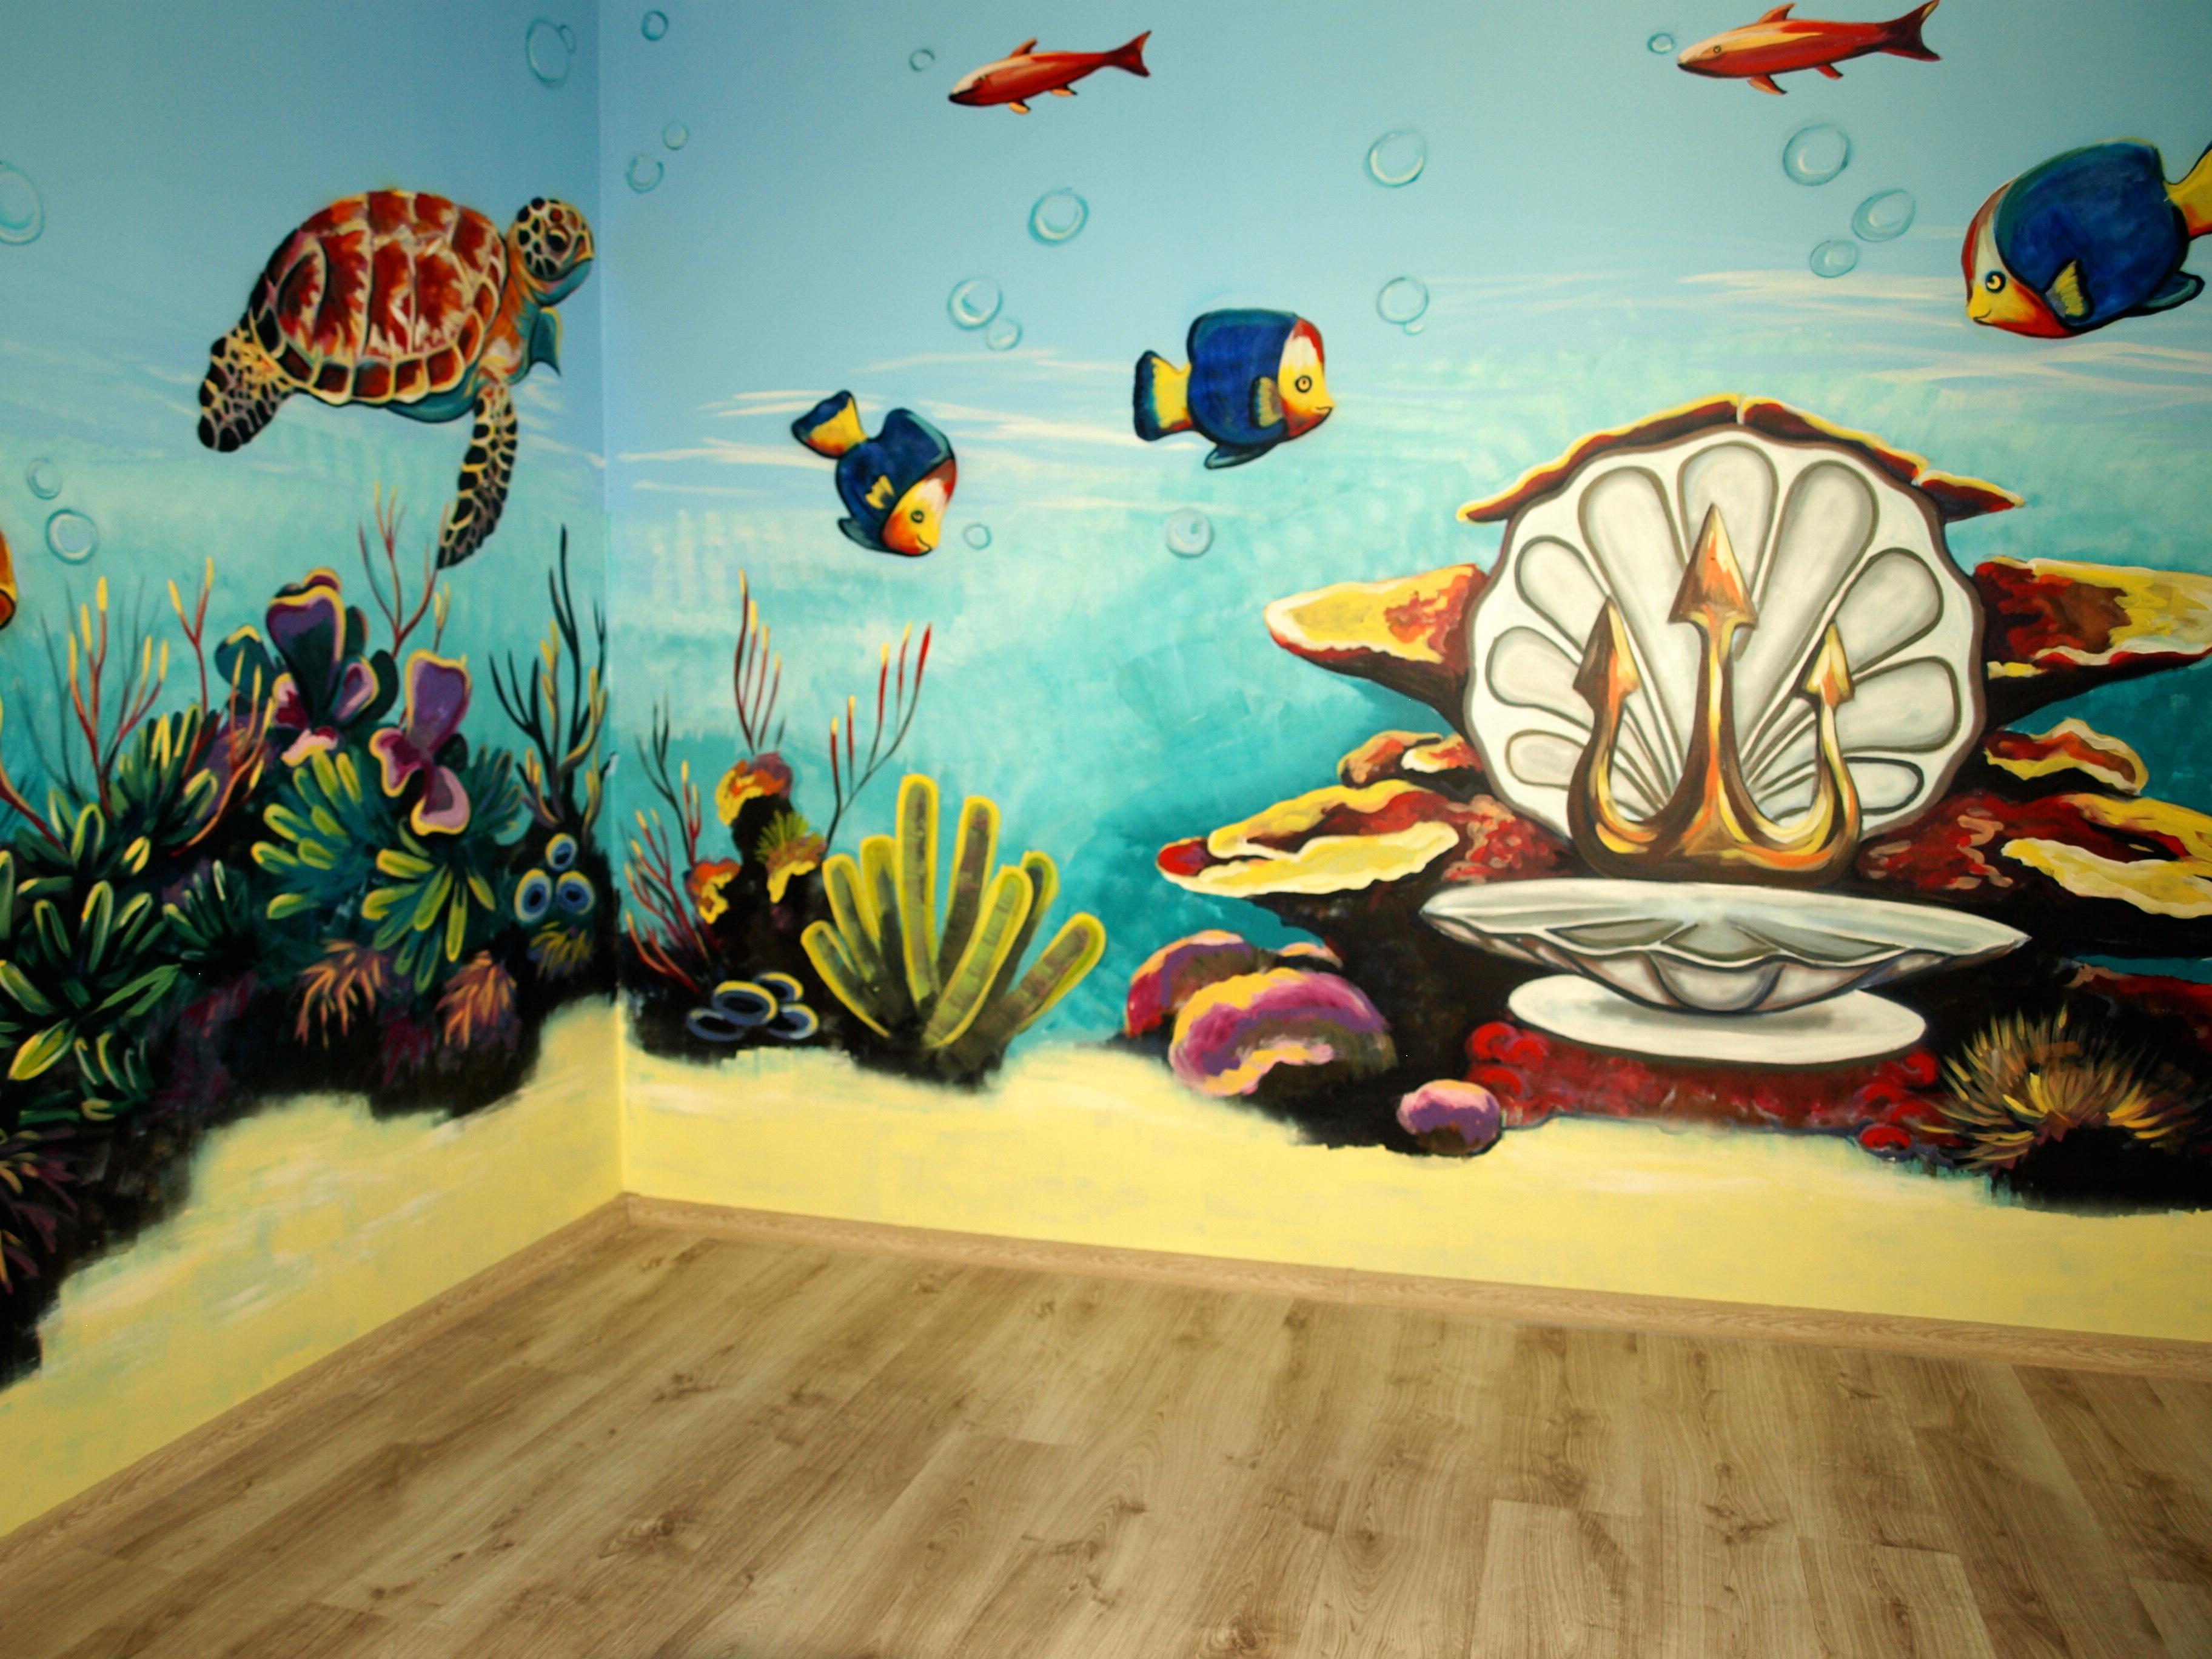 Dekoracyjne malowanie ścian i graffiti